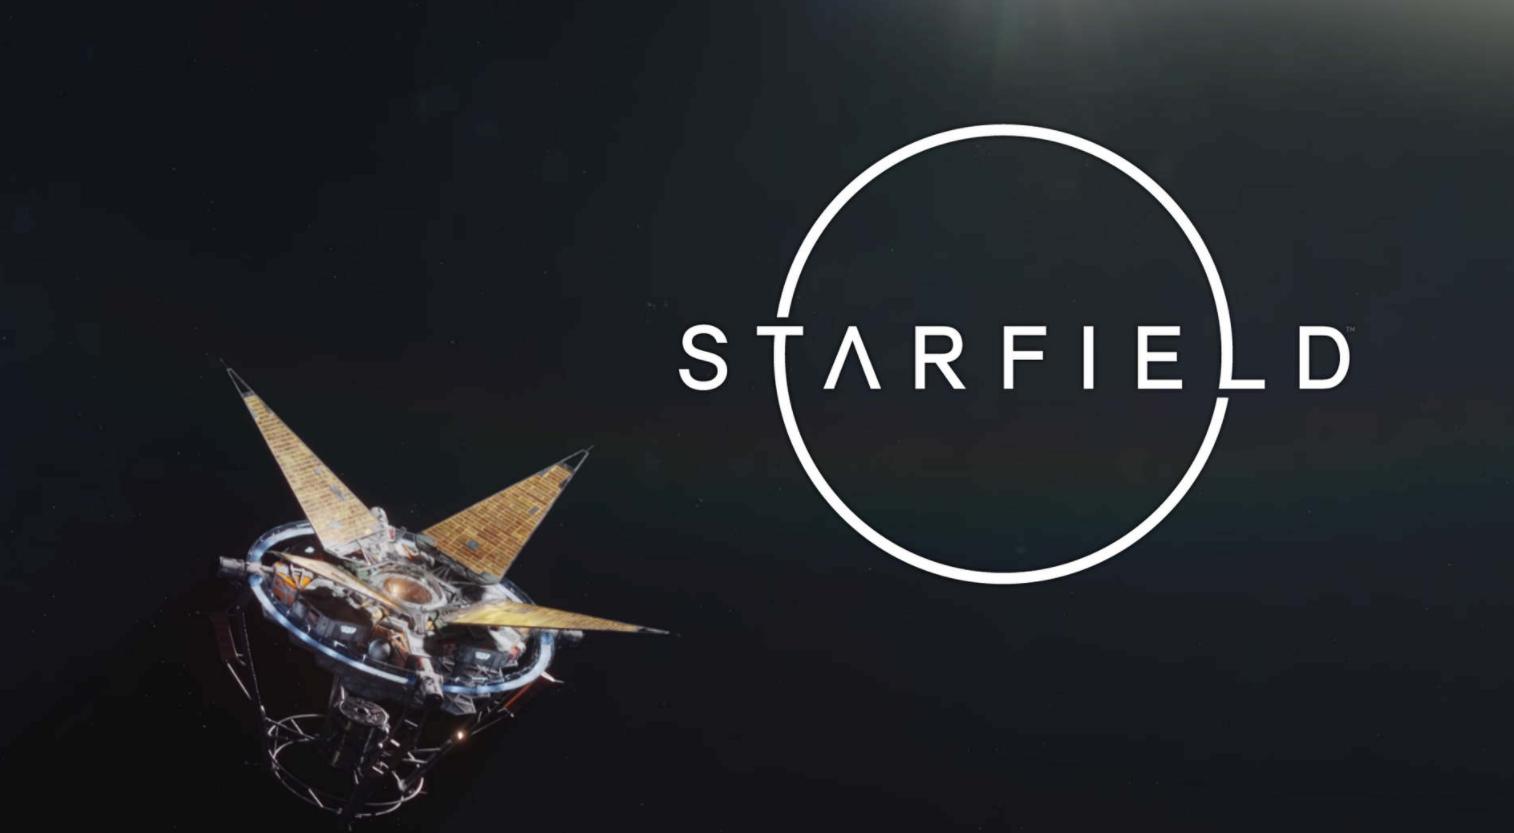 Starfield Daha Erken Gelebilir! 2021